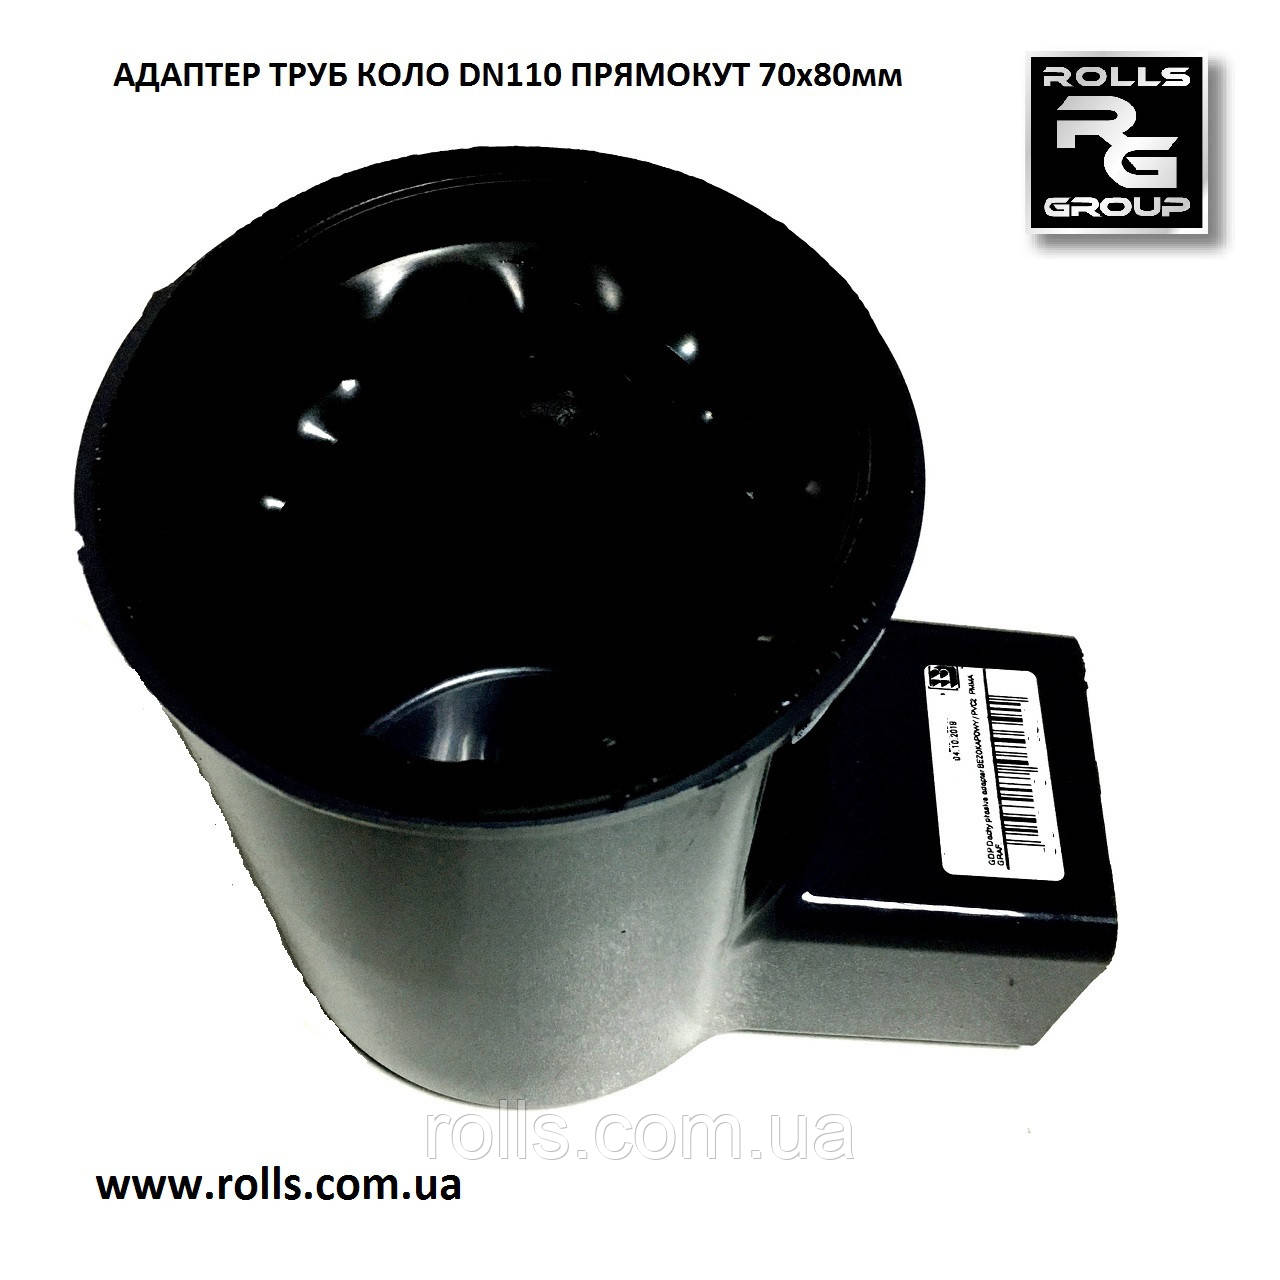 Переходник HIDDEN / PVC2 графитовый Колено - переходник угловой адаптер трубы круглого сечения DN110мм 70х80мм